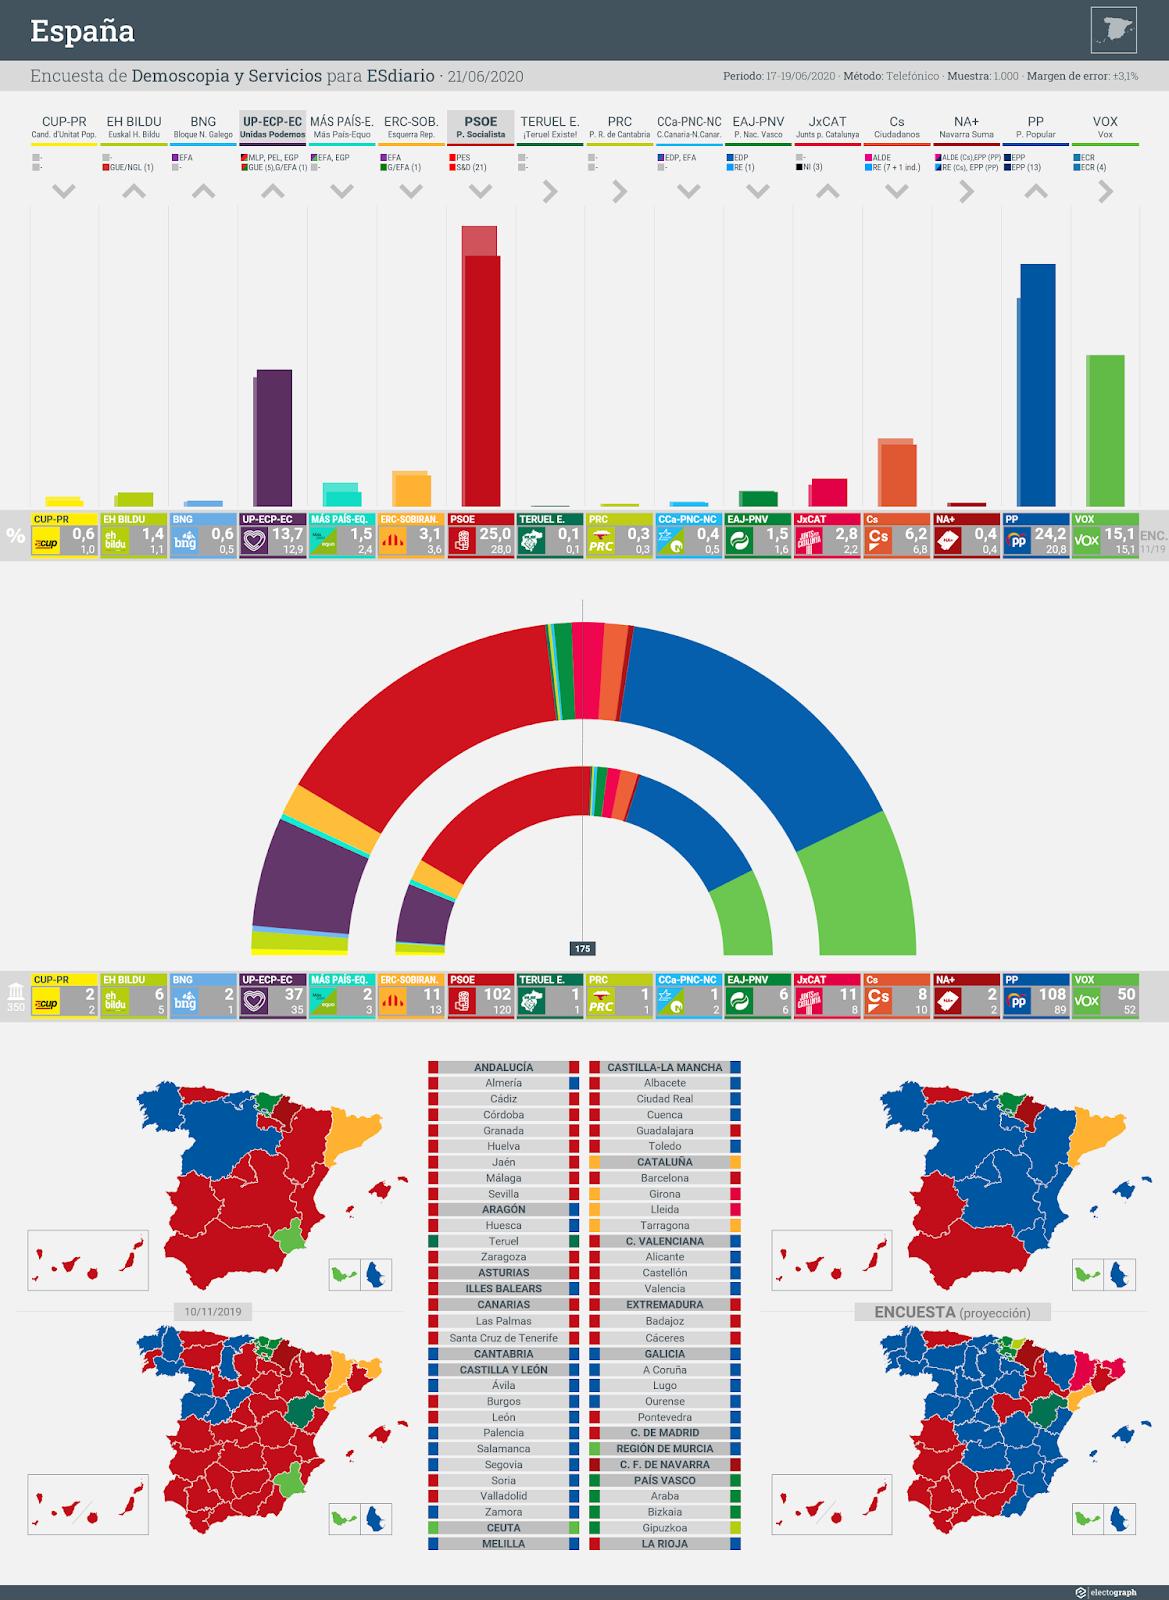 Gráfico de la encuesta para elecciones generales en España realizada por Demoscopia y Servicios para ESdiario, 21 de junio de 2020